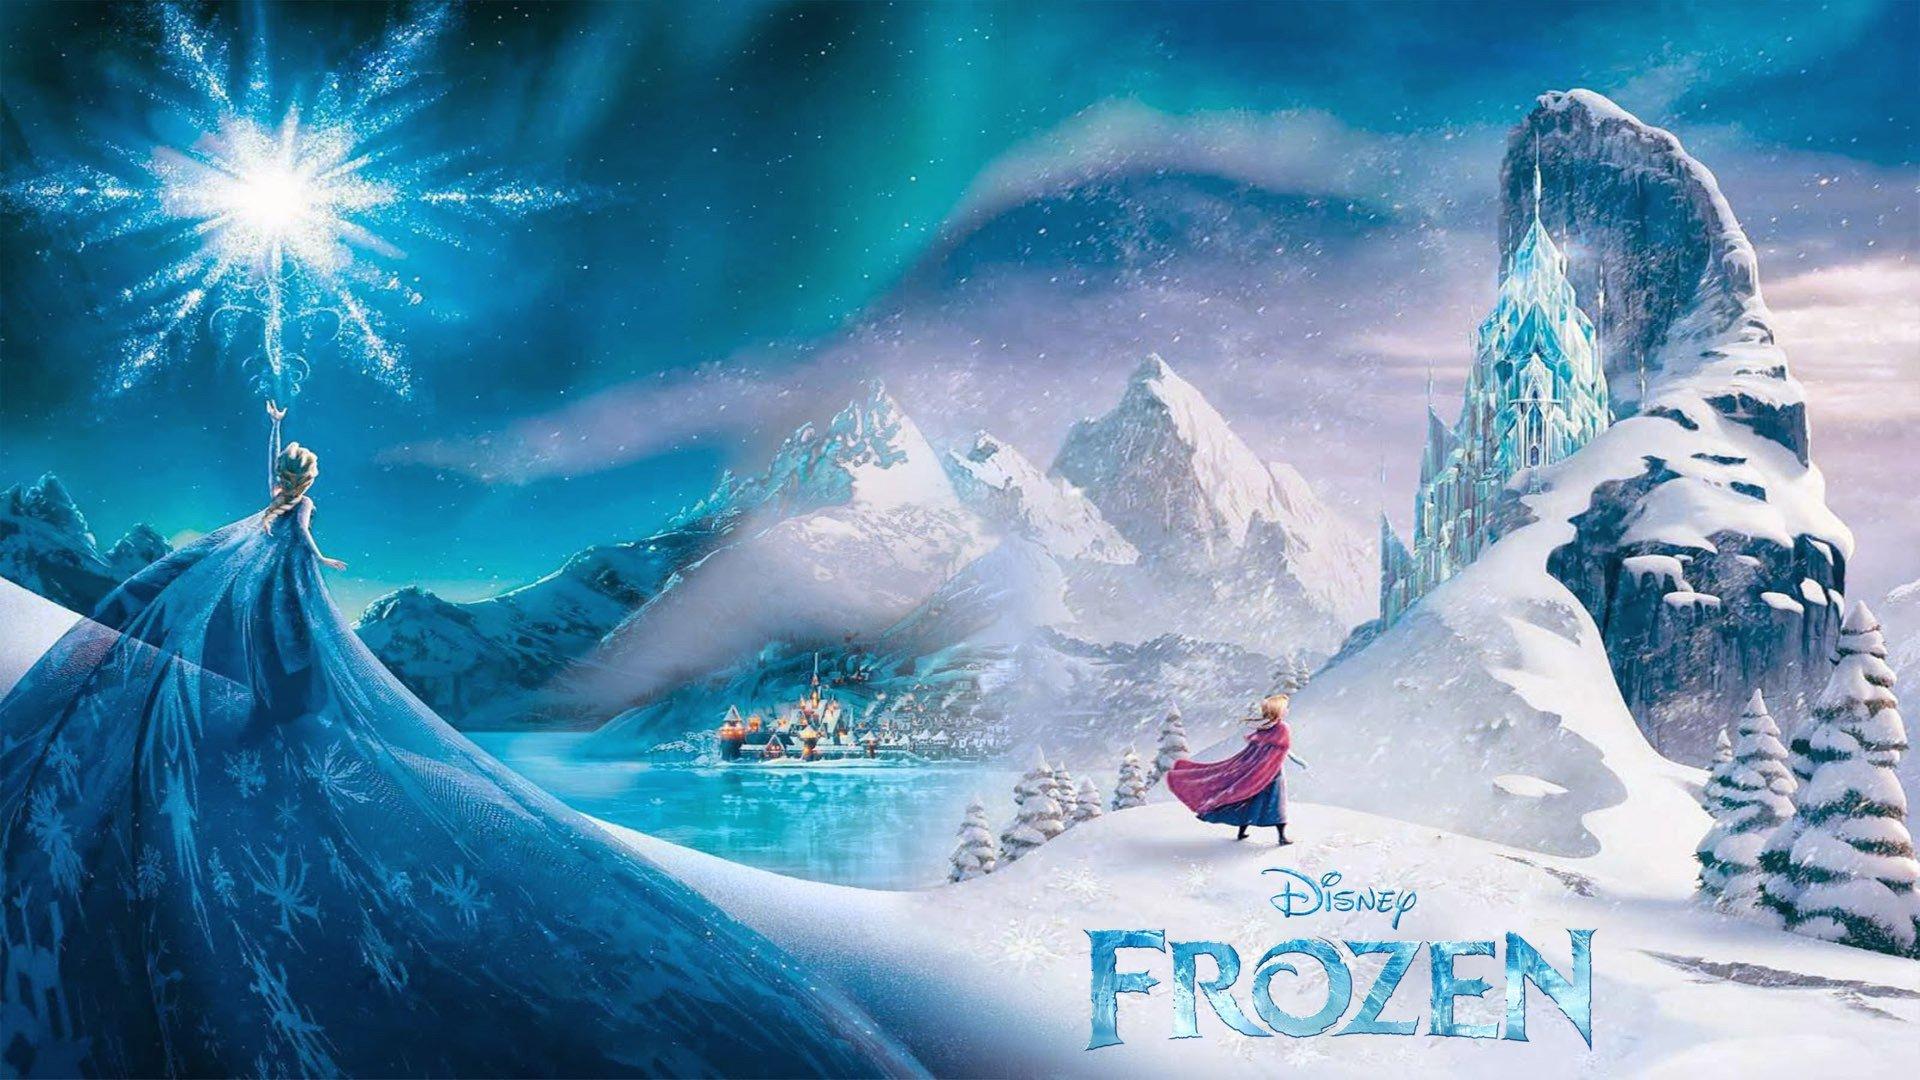 Elsa Frozen Wallpapers 1920x1080 Full Hd 1080p Desktop Backgrounds